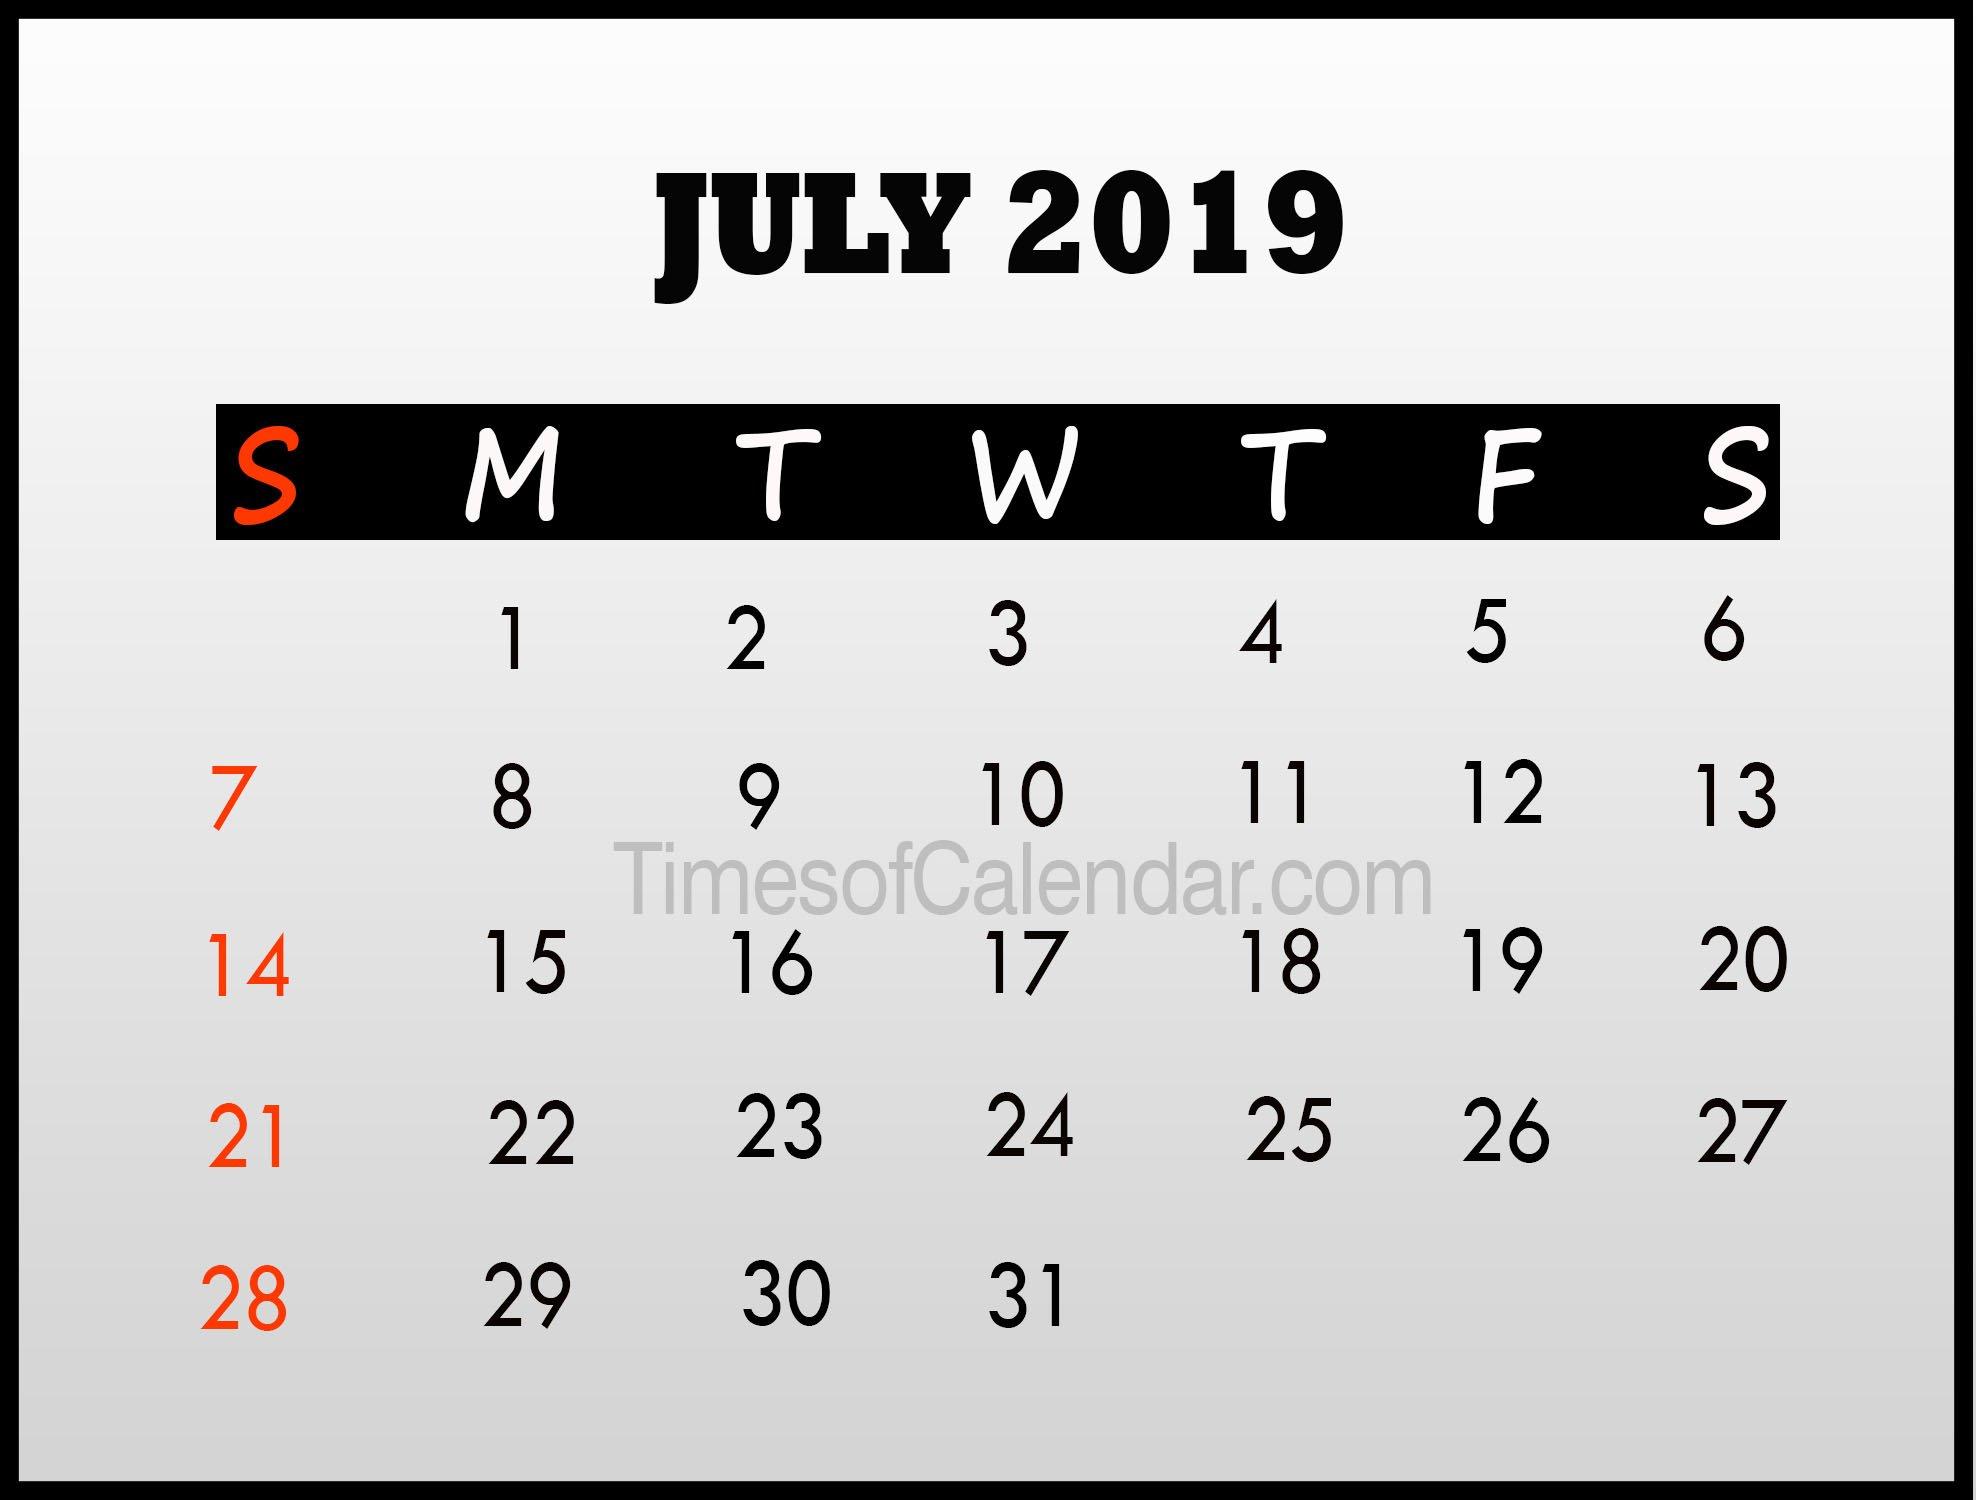 July 2019 Calendar Template – Times Of Calendar July 8 2019 Calendar